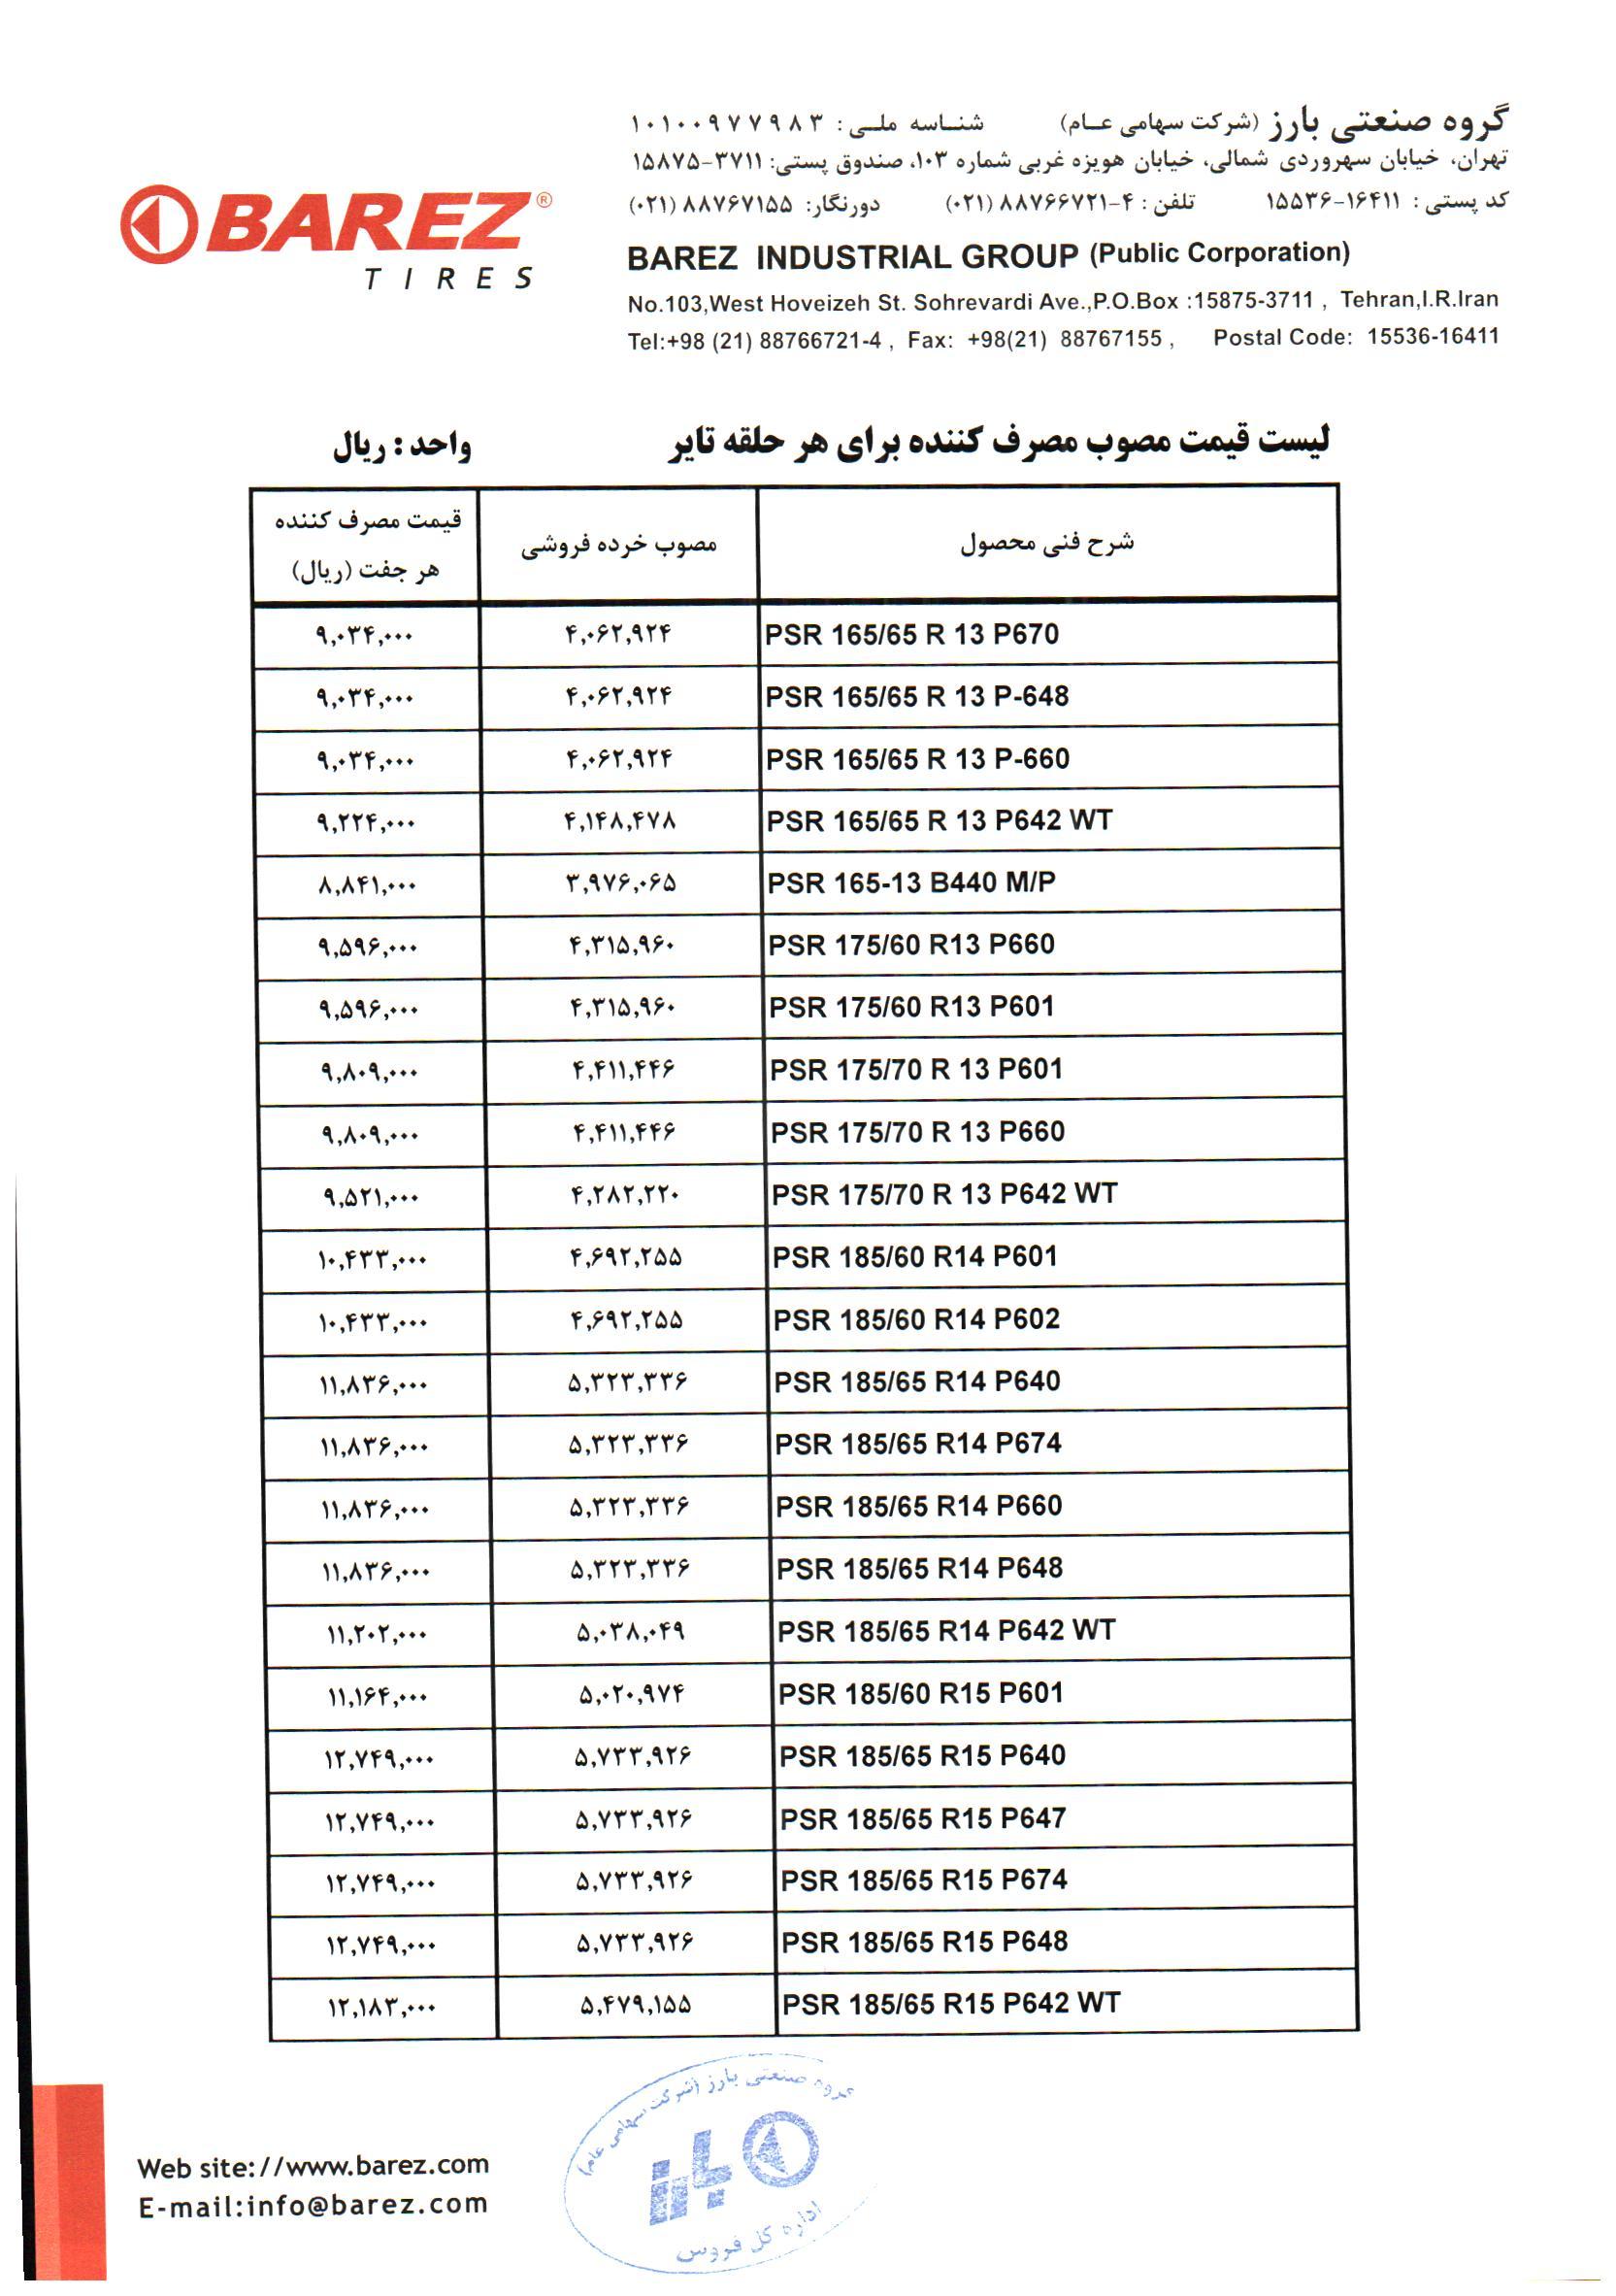 قیمت لاستیک دولتی لیست قیمت لاستیک بارز در آذر ماه 99 - 1